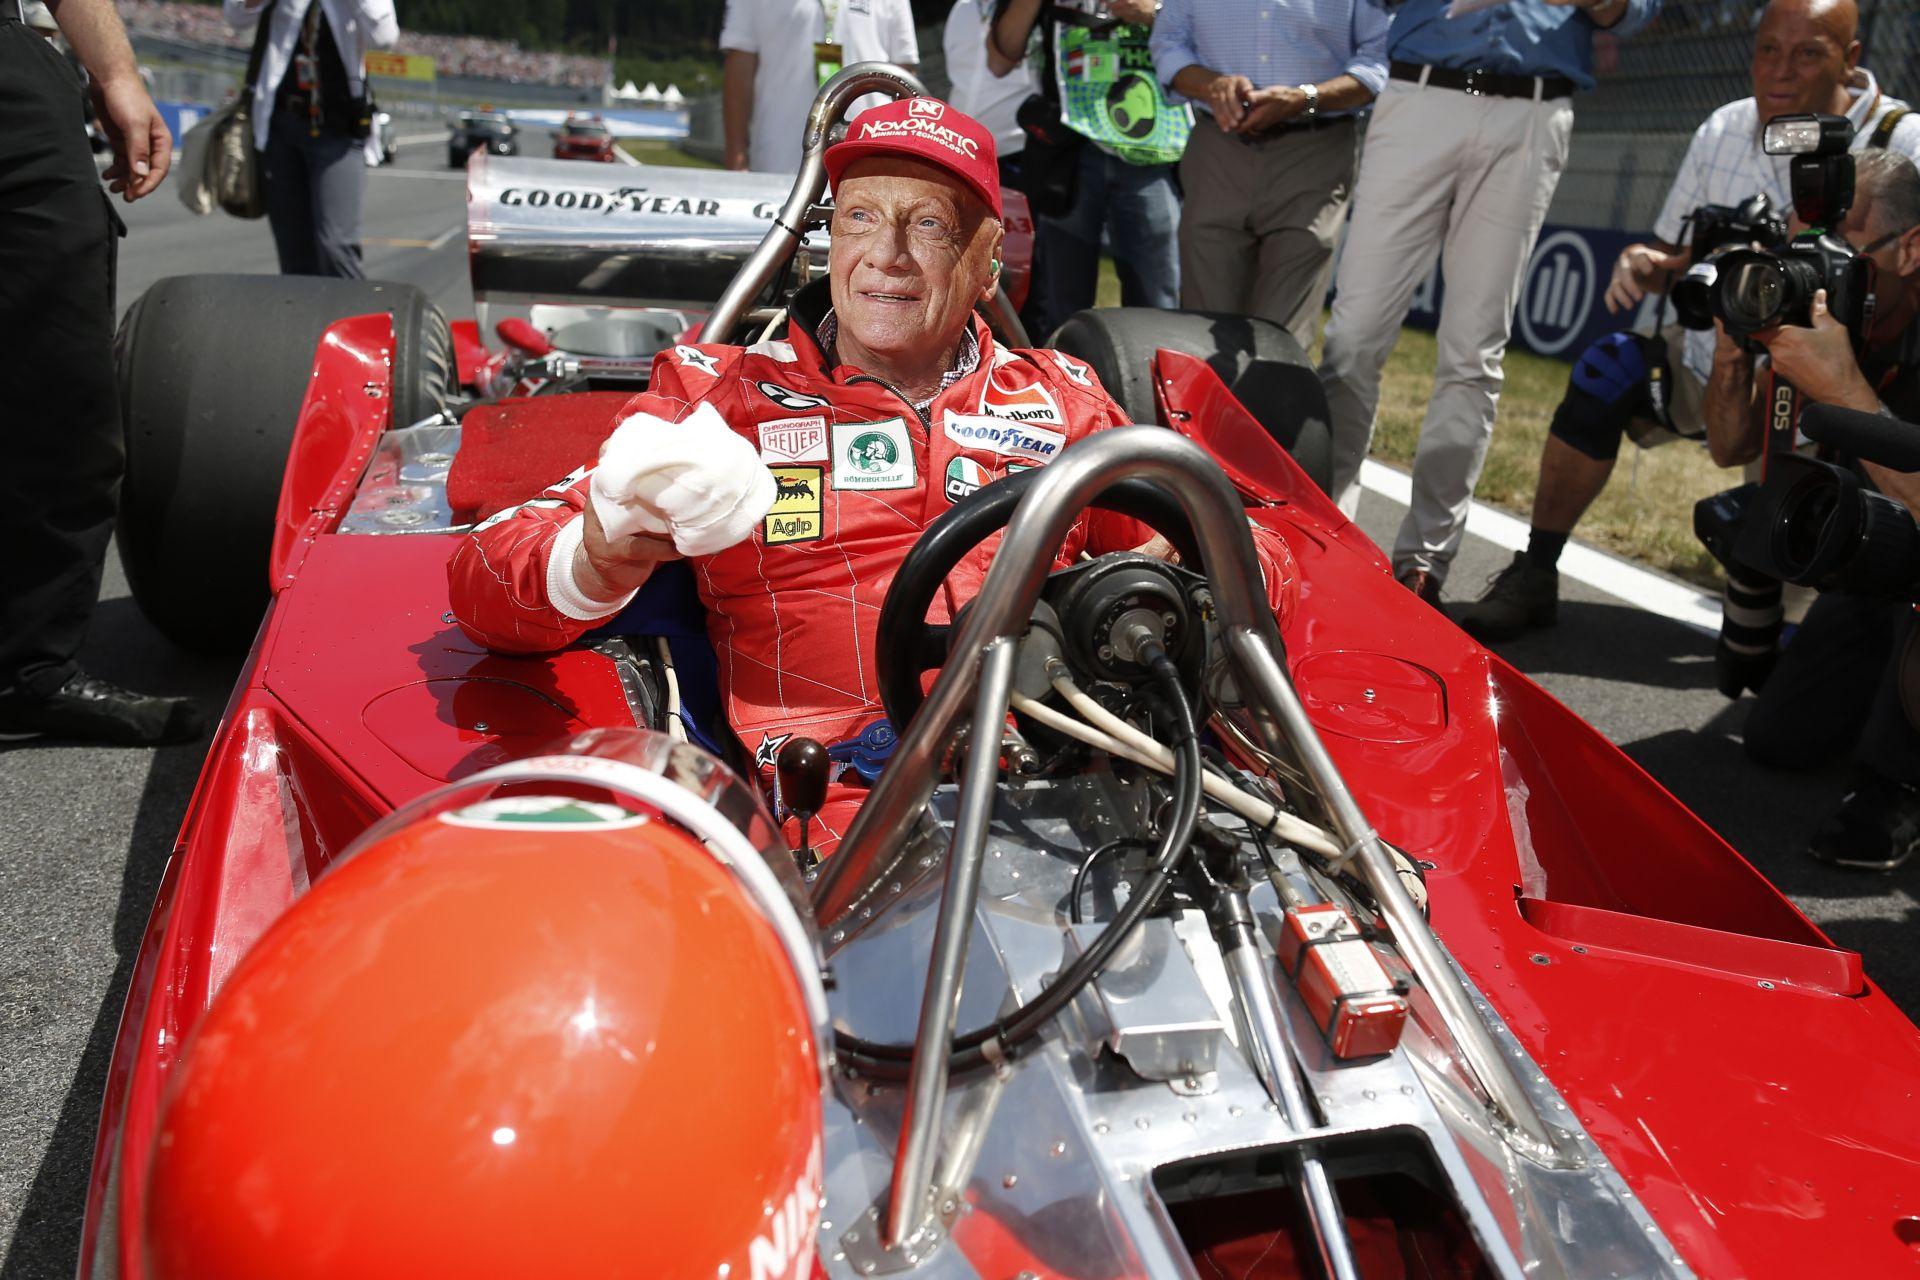 Brutális F1-es parti lesz az Osztrák Nagydíjon: Prost, Piquet és Lauda is pályára gurul